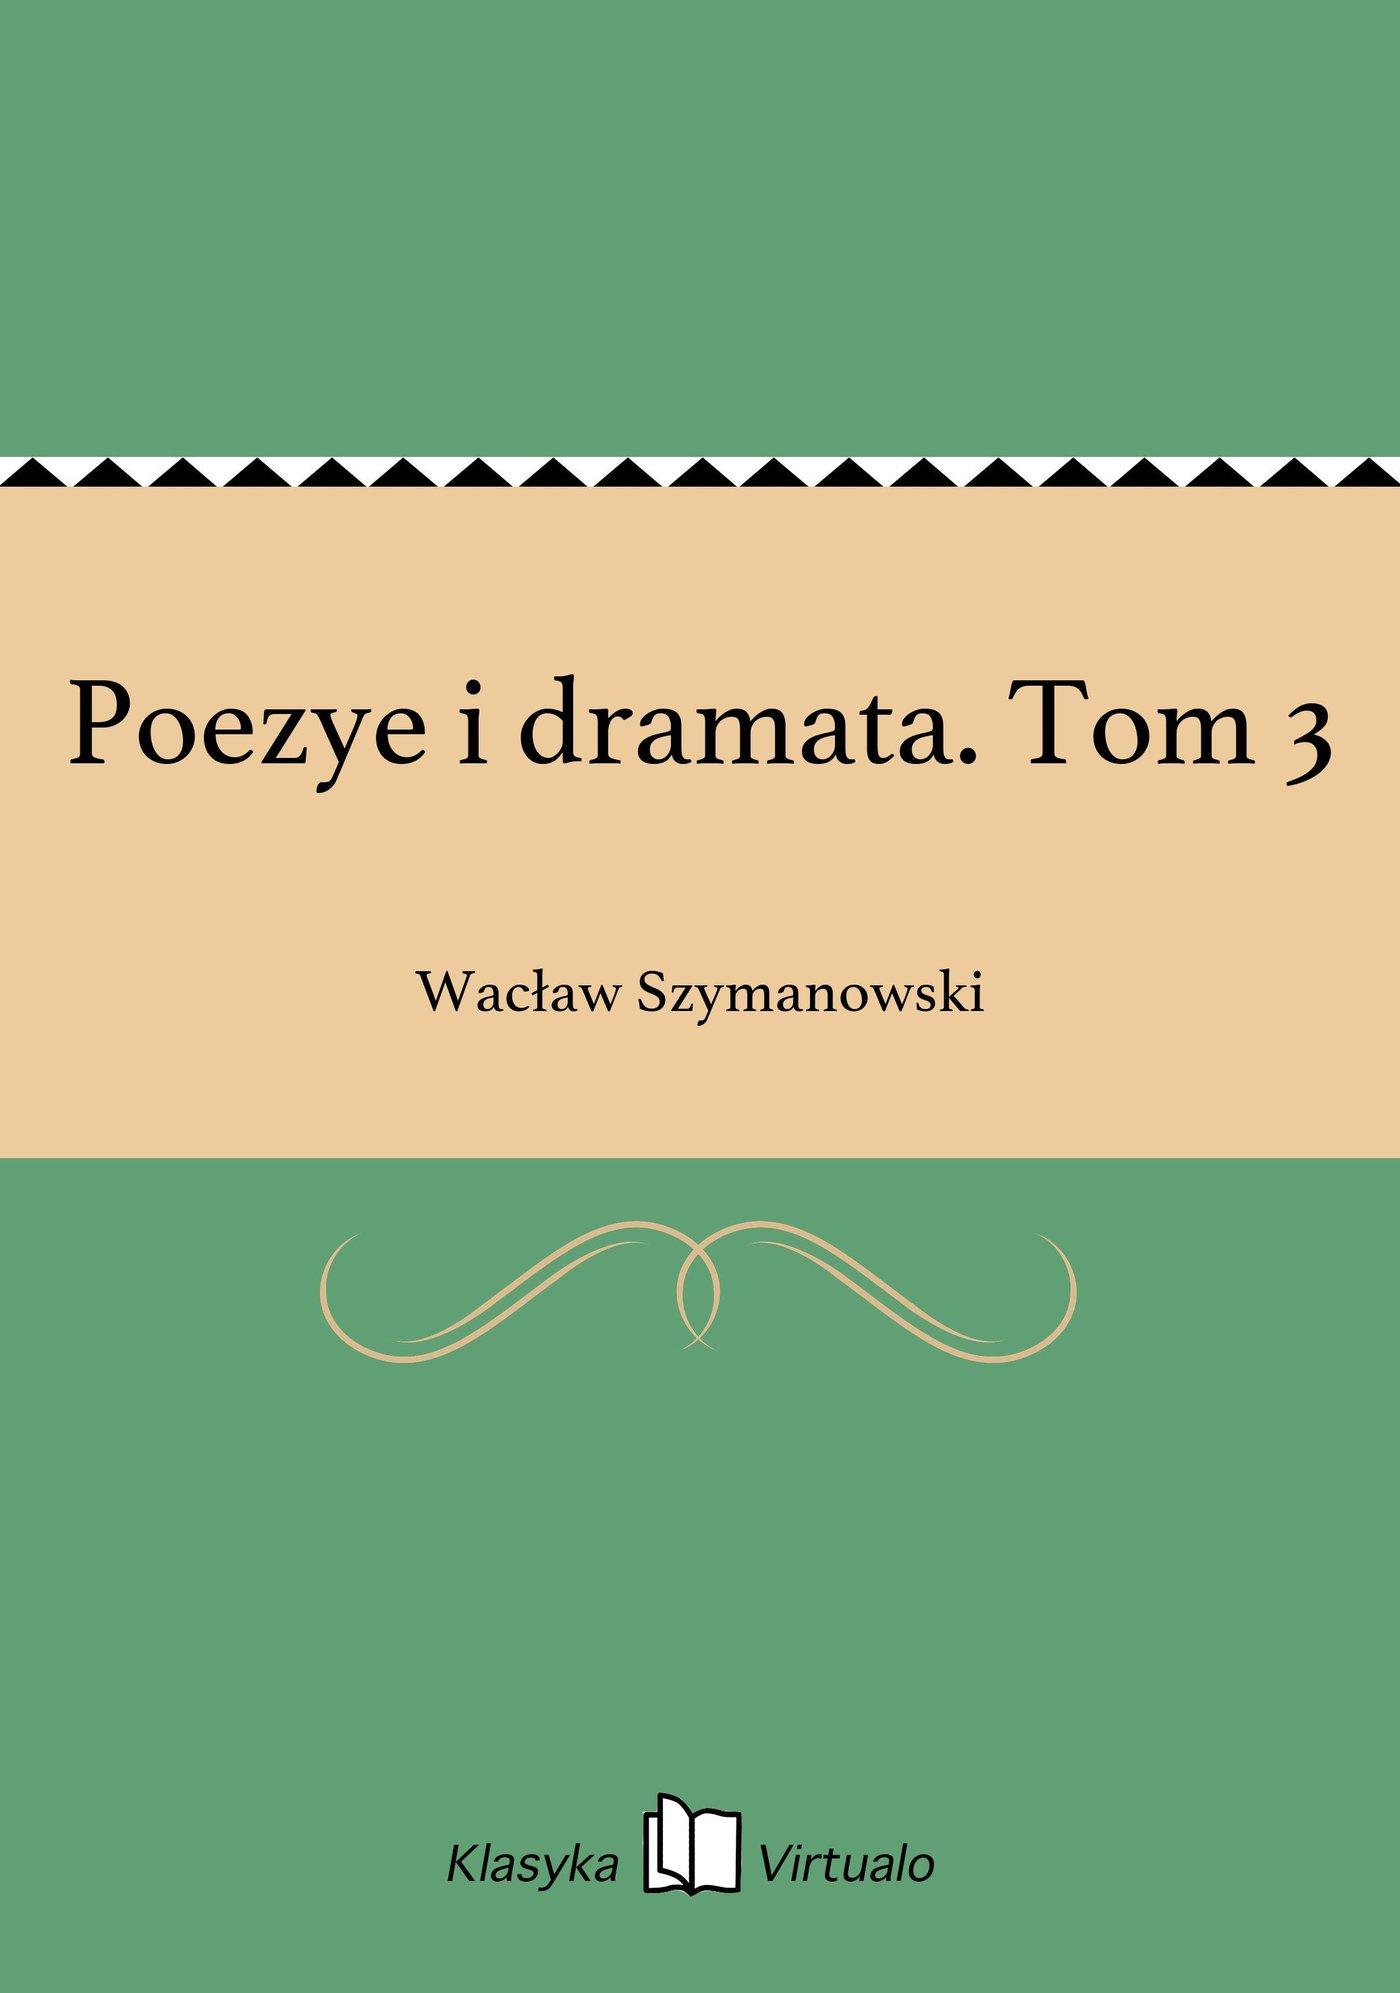 Poezye i dramata. Tom 3 - Ebook (Książka EPUB) do pobrania w formacie EPUB